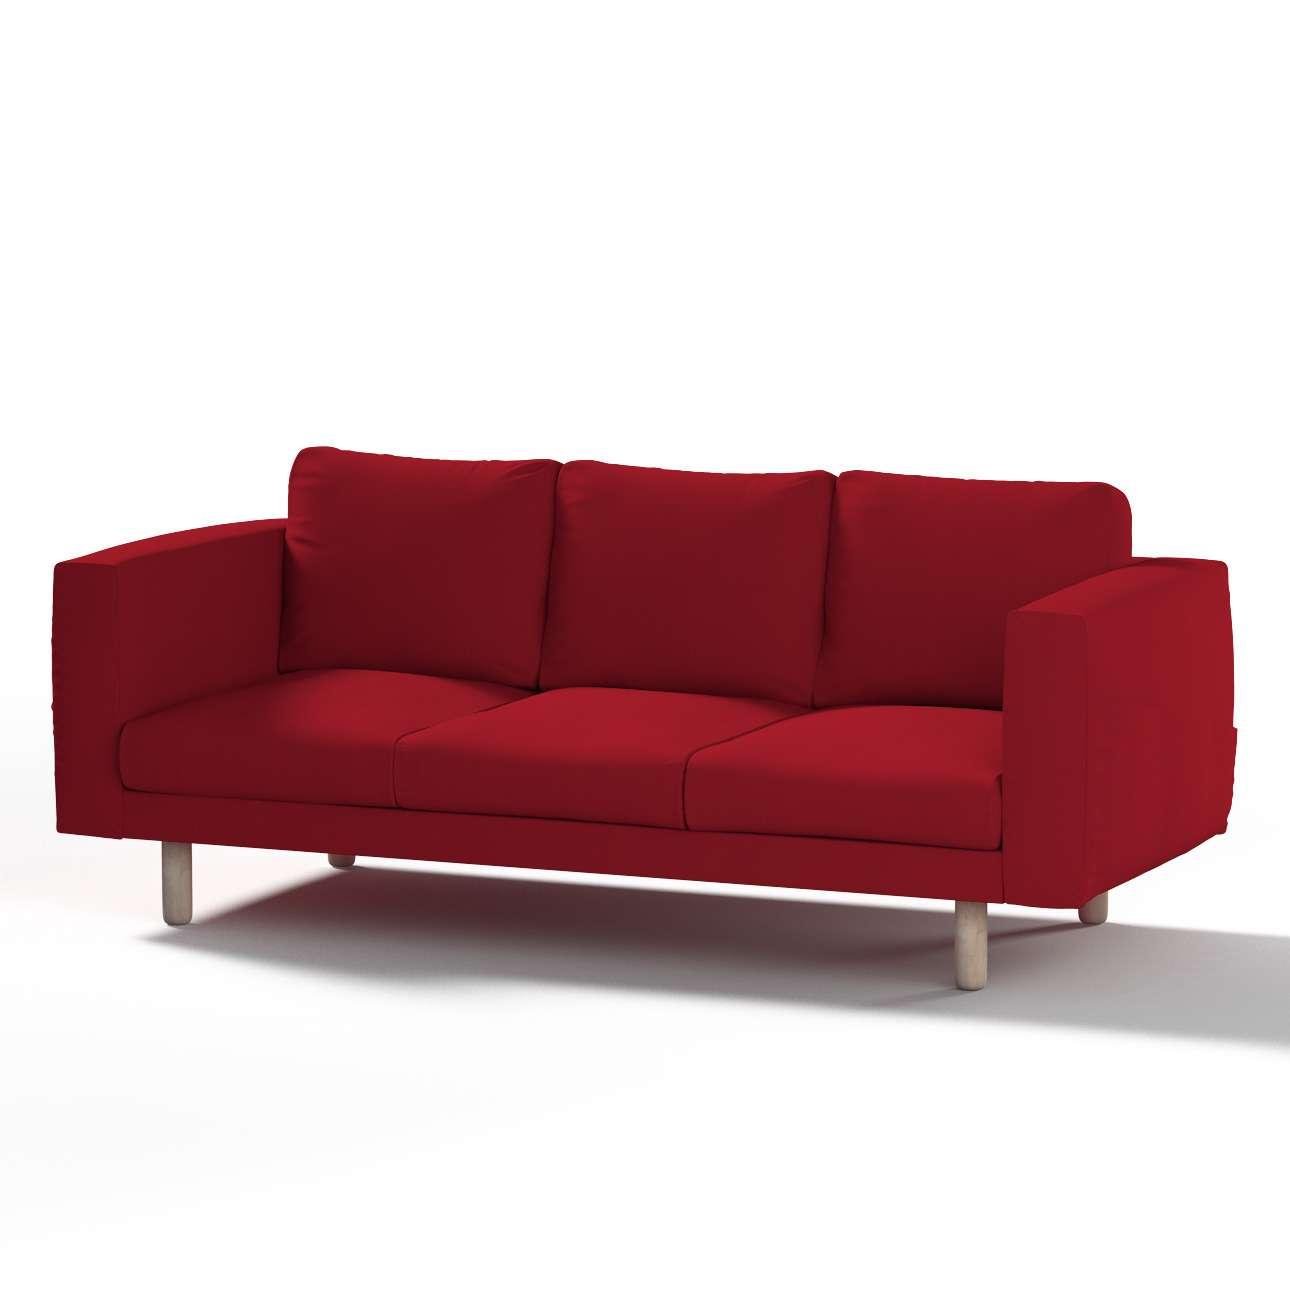 Pokrowiec na sofę Norsborg 3-osobową w kolekcji Chenille, tkanina: 702-24